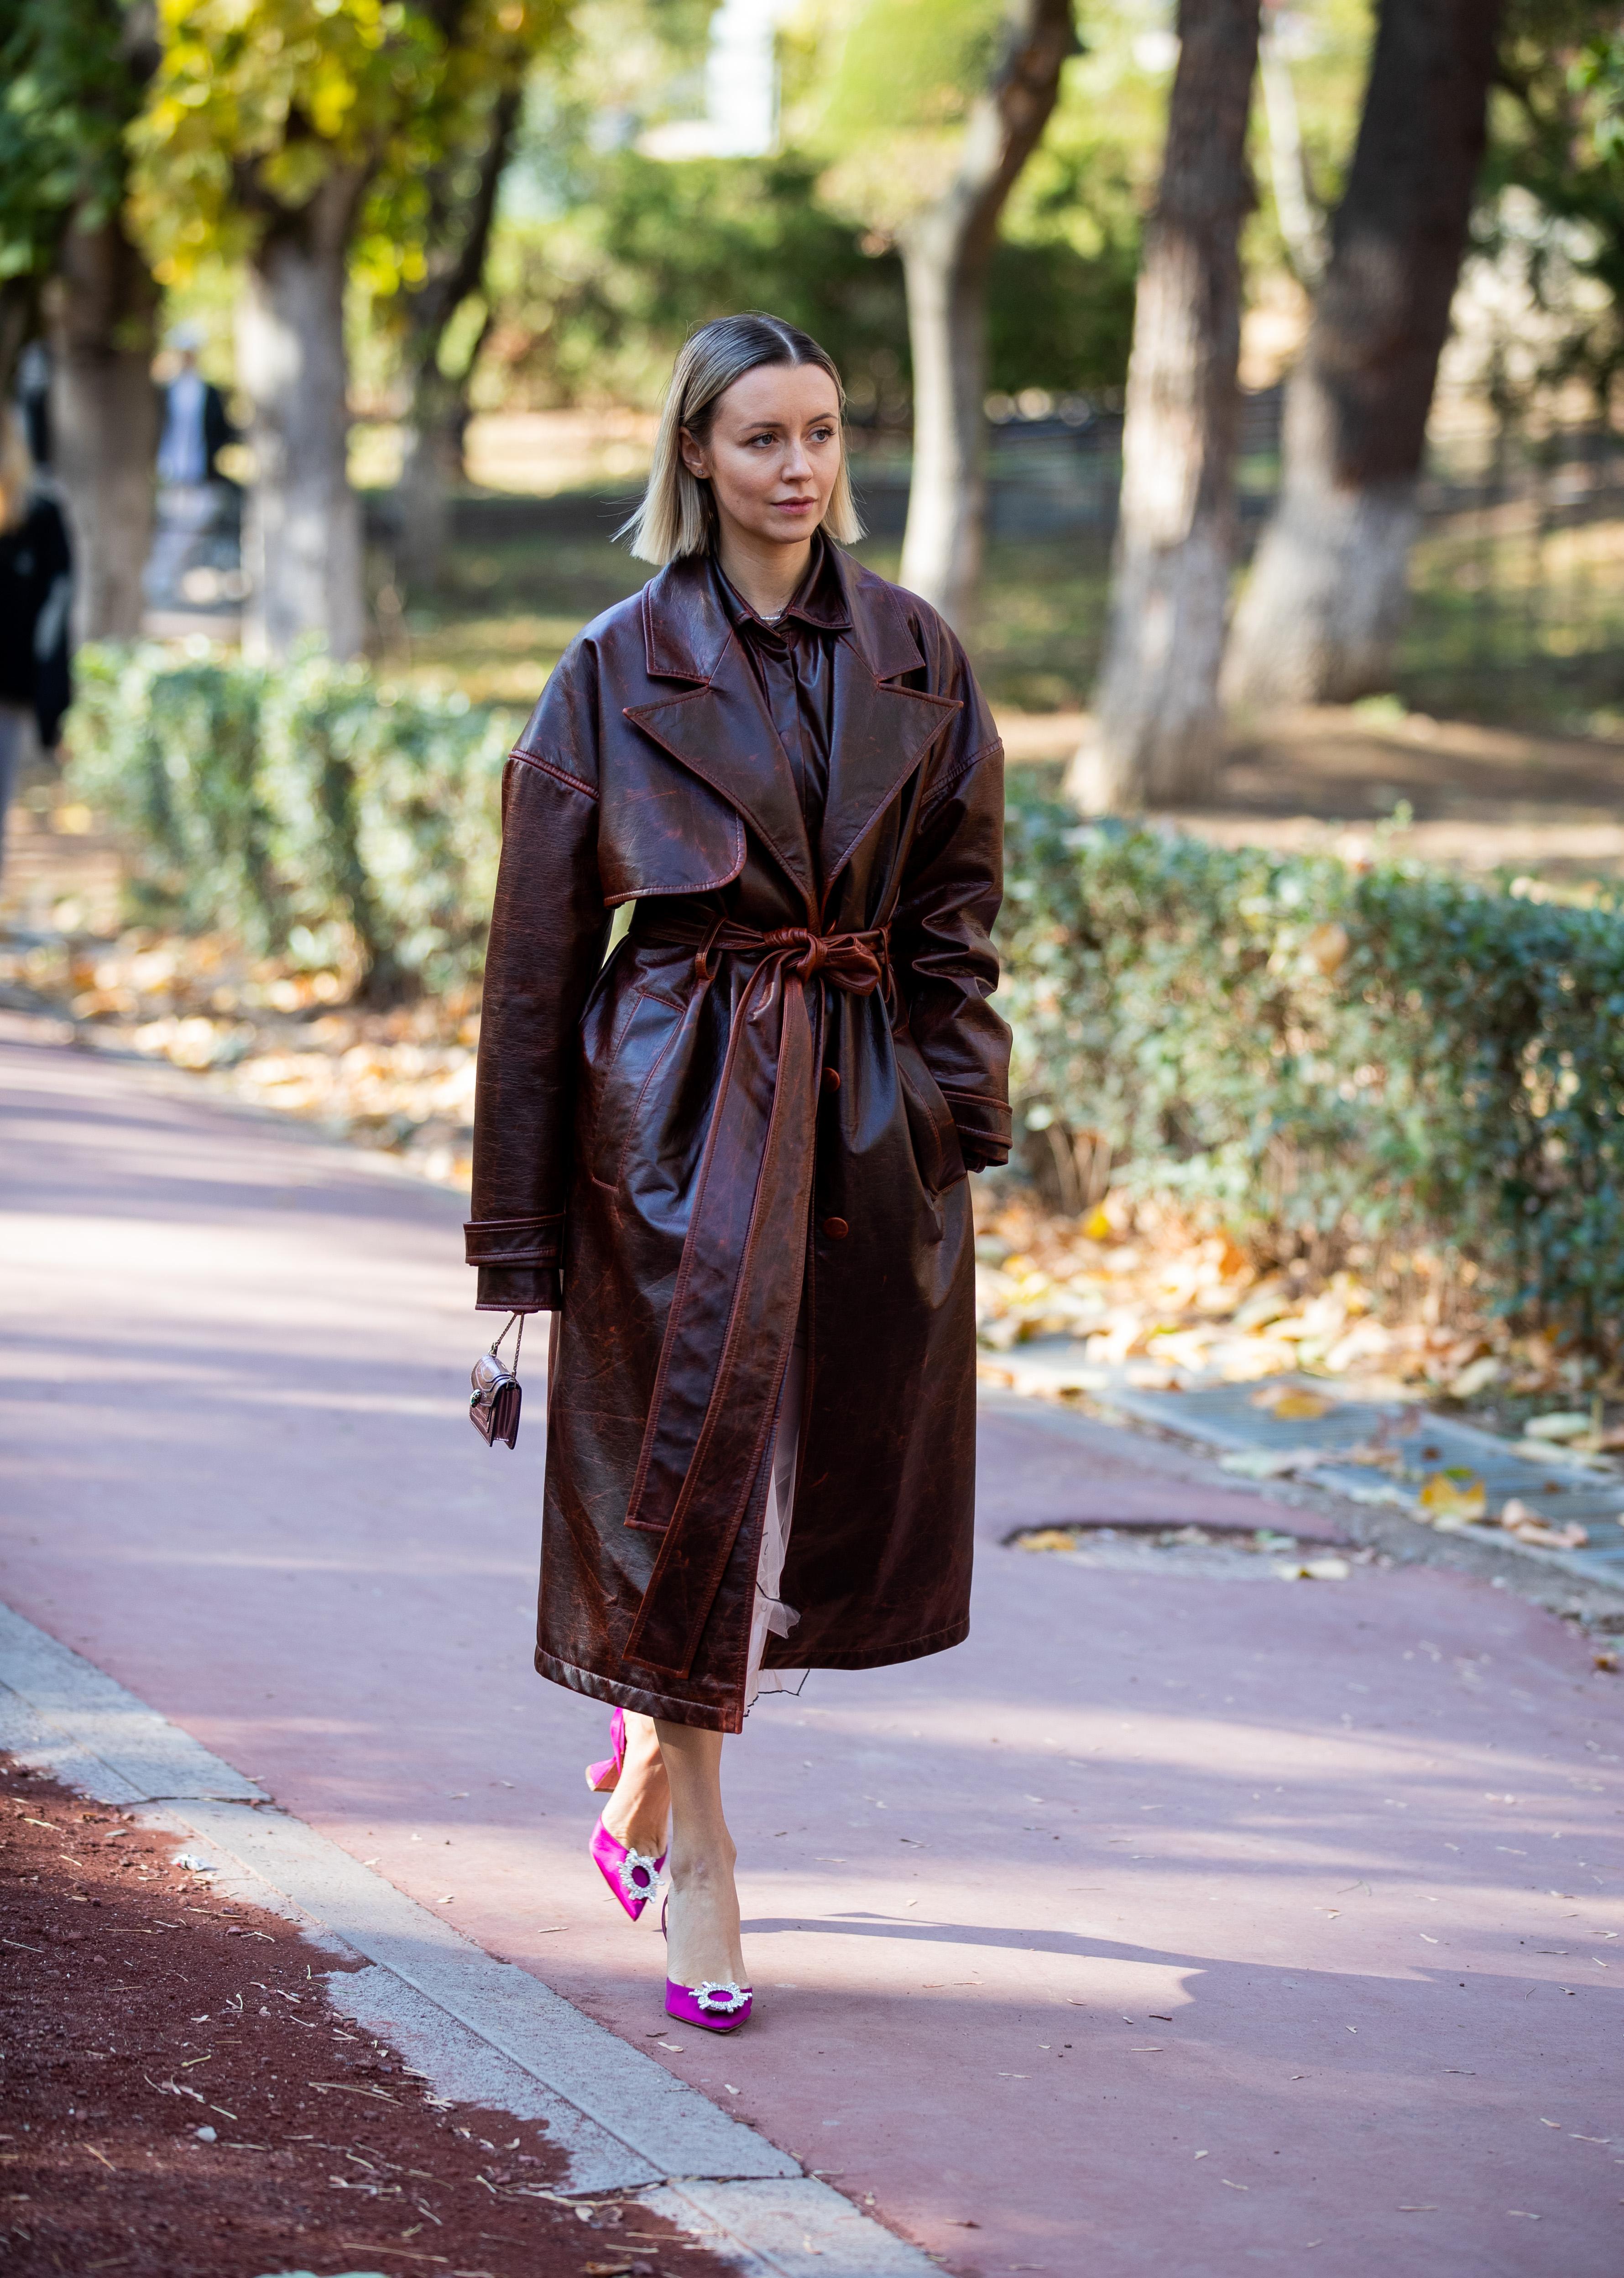 ブラウンにも、ボルドーにも見えるニュアンスカラーのコートは、どこかヴィンテージライクな雰囲気が漂う。ビッグシルエットのラフなシルエットだから、足元はシンプルに仕上げて。